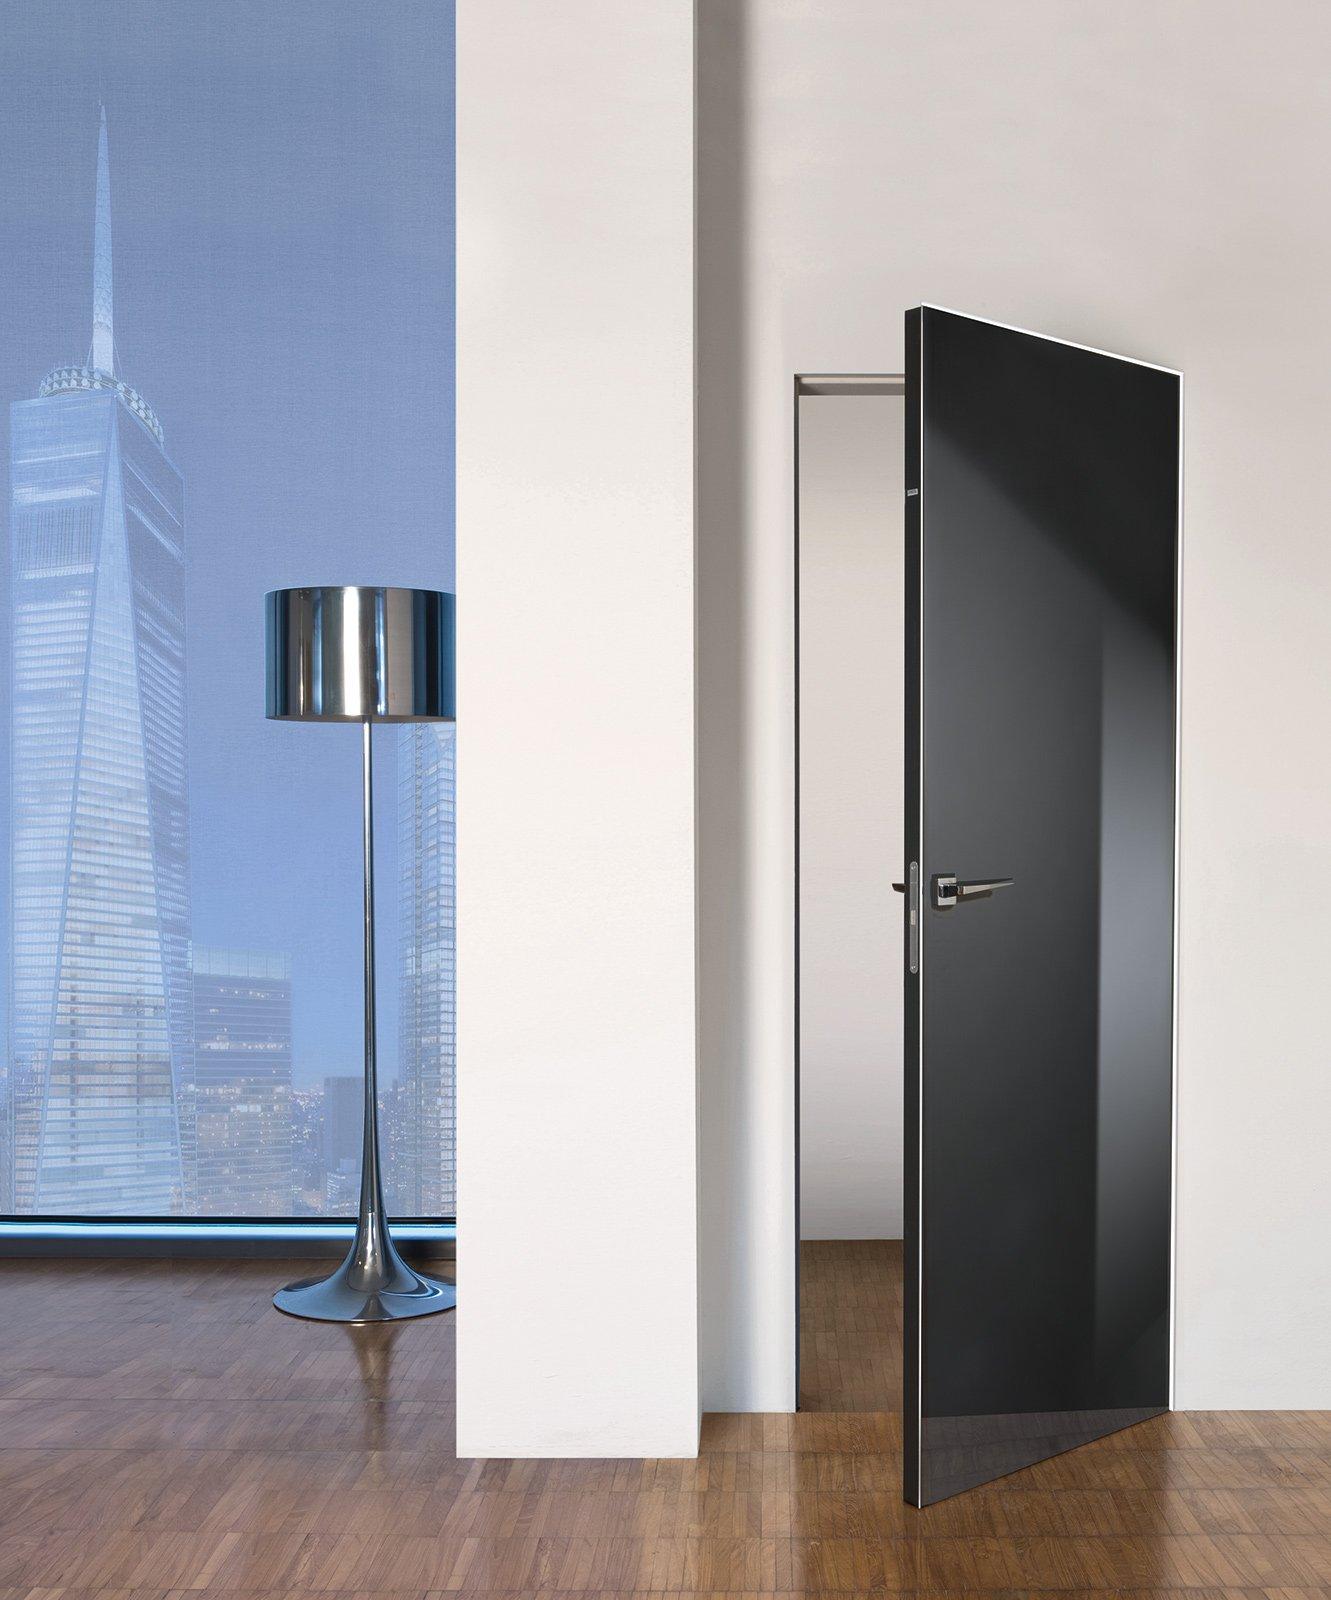 Porte filomuro cose di casa - Porta specchio scorrevole ...